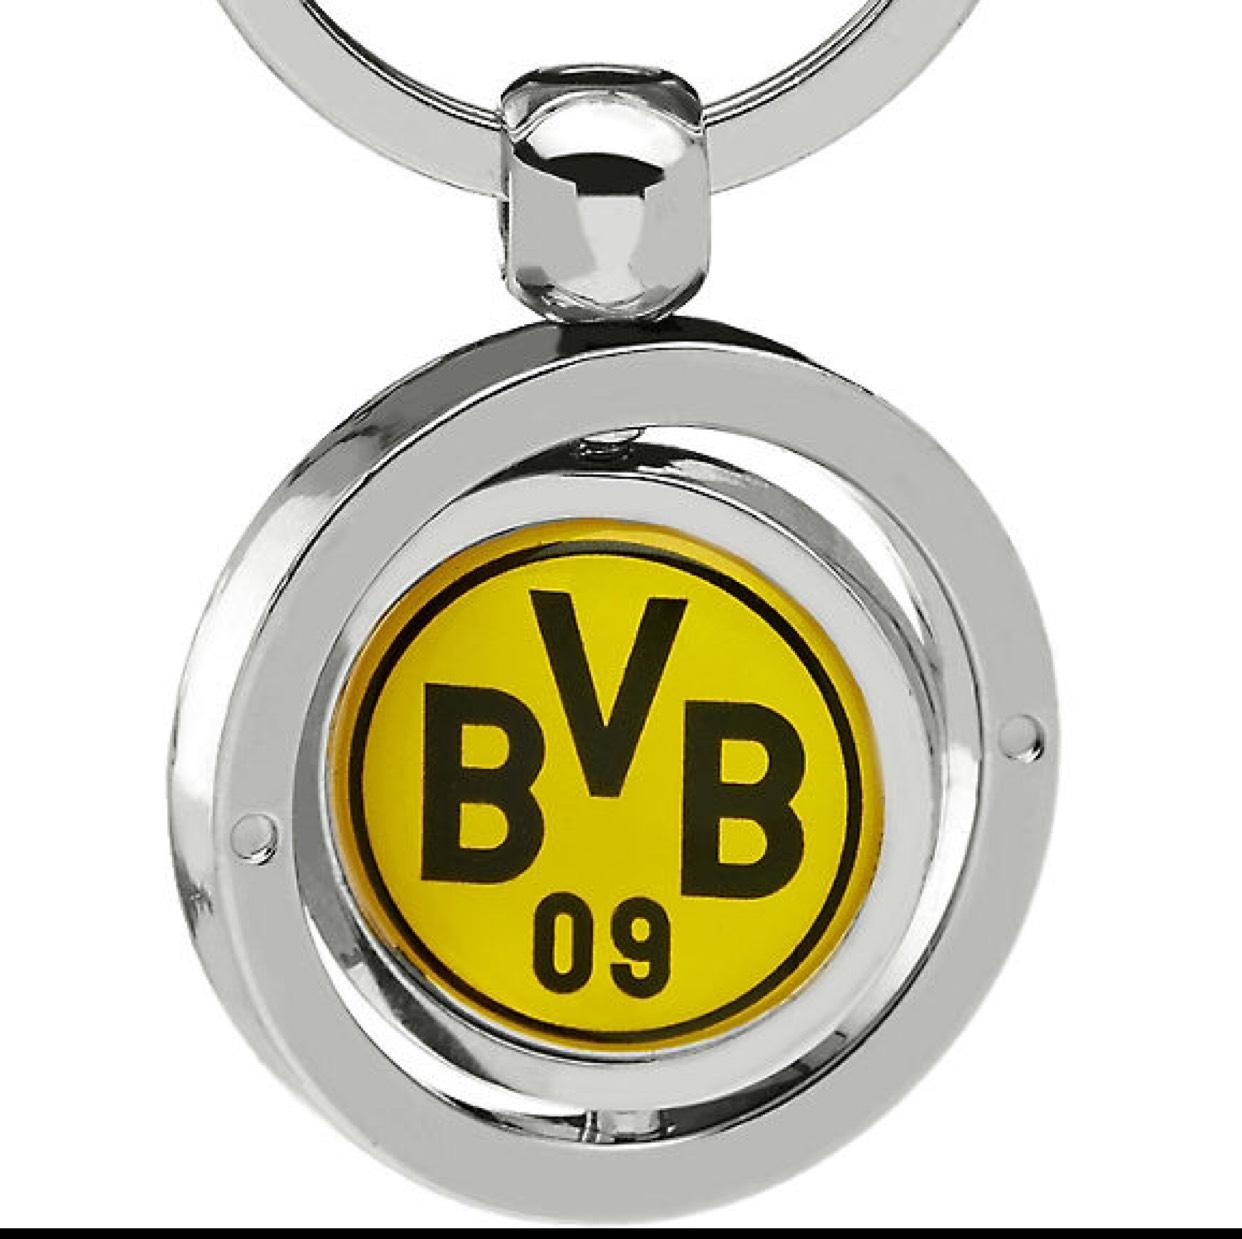 Gratis BvB-Schlüsselanhänger bei Deichmann bei Kauf eines Füllartikels